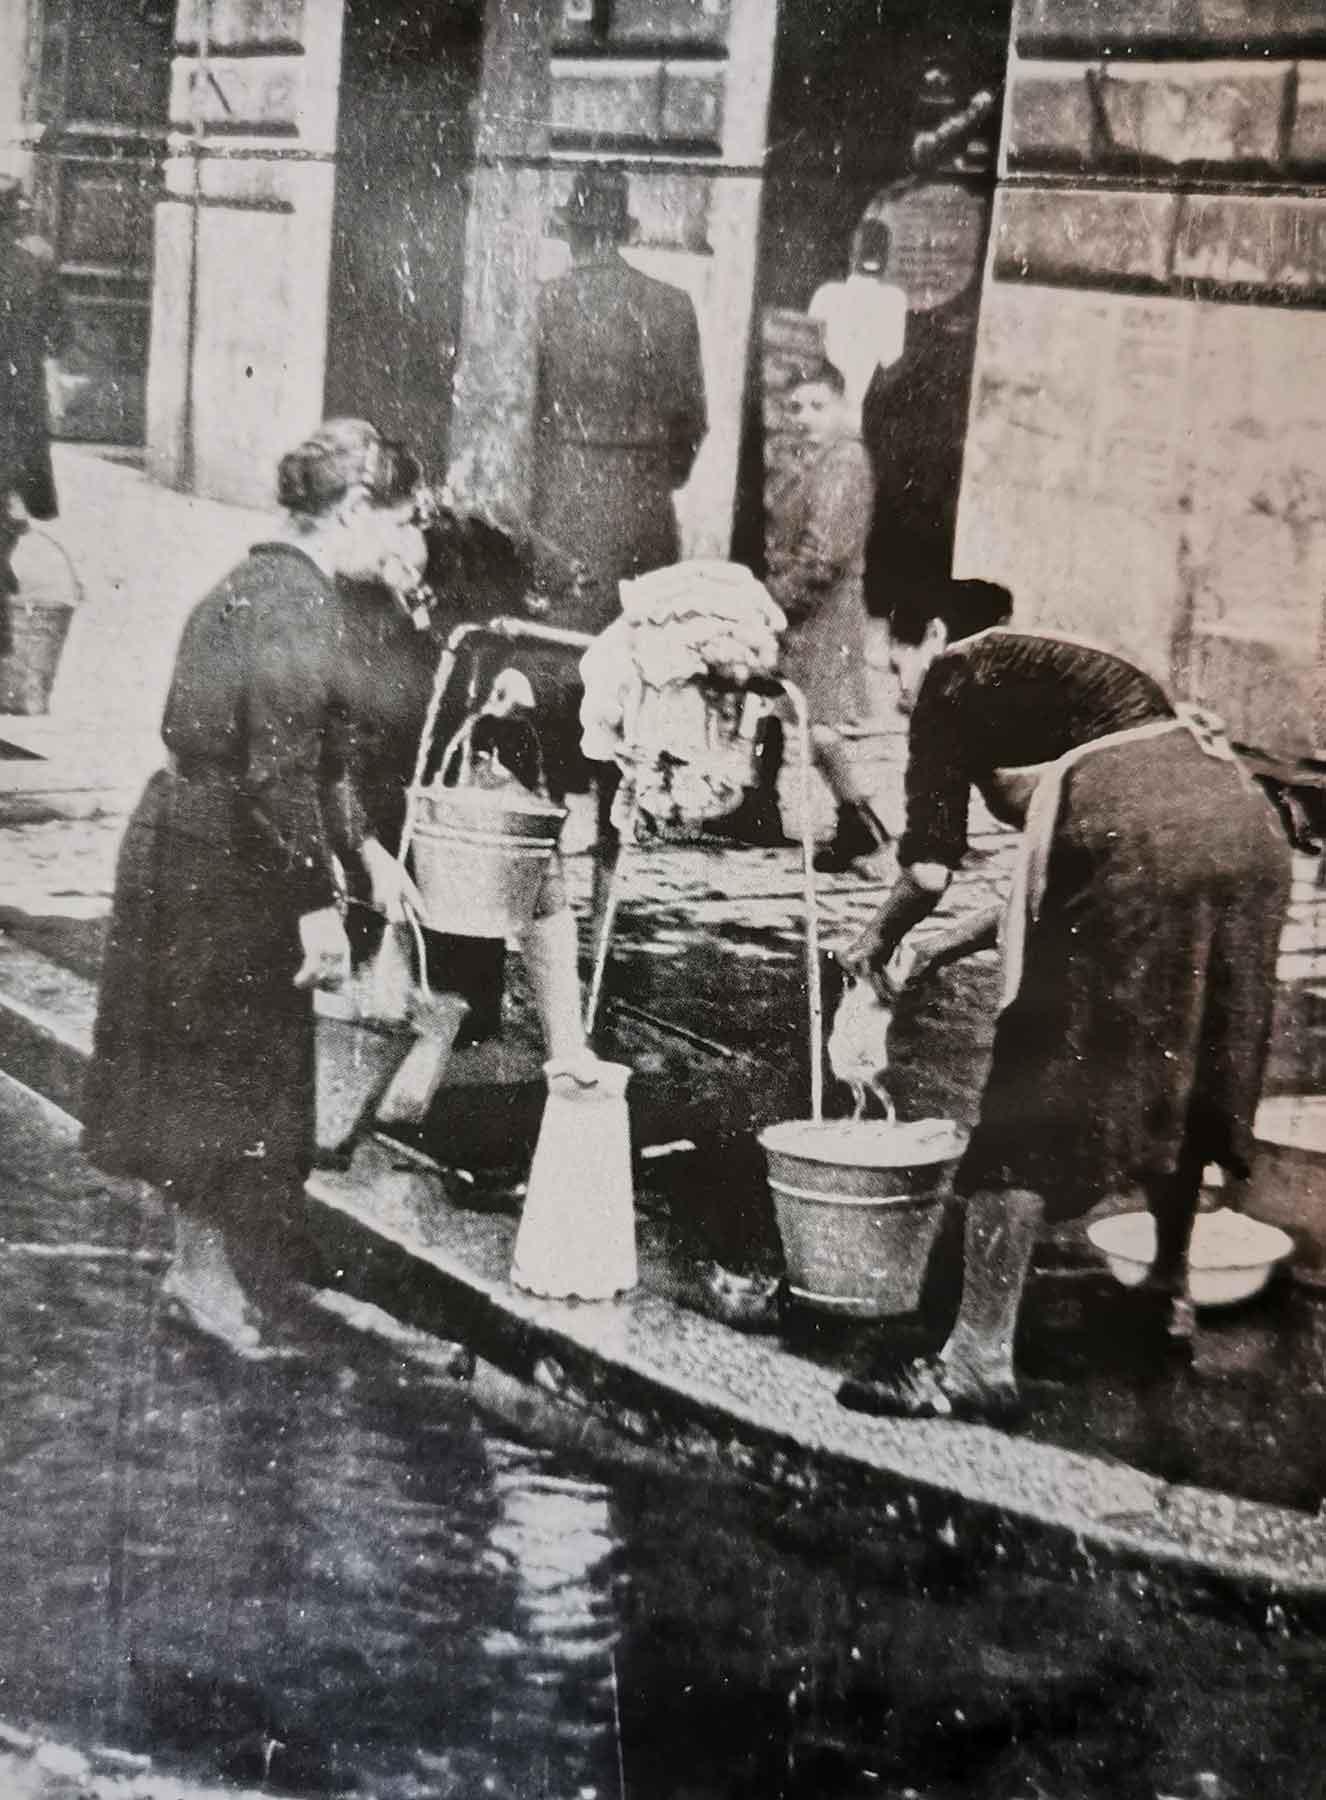 razionamento dell'acqua nella città bombardata